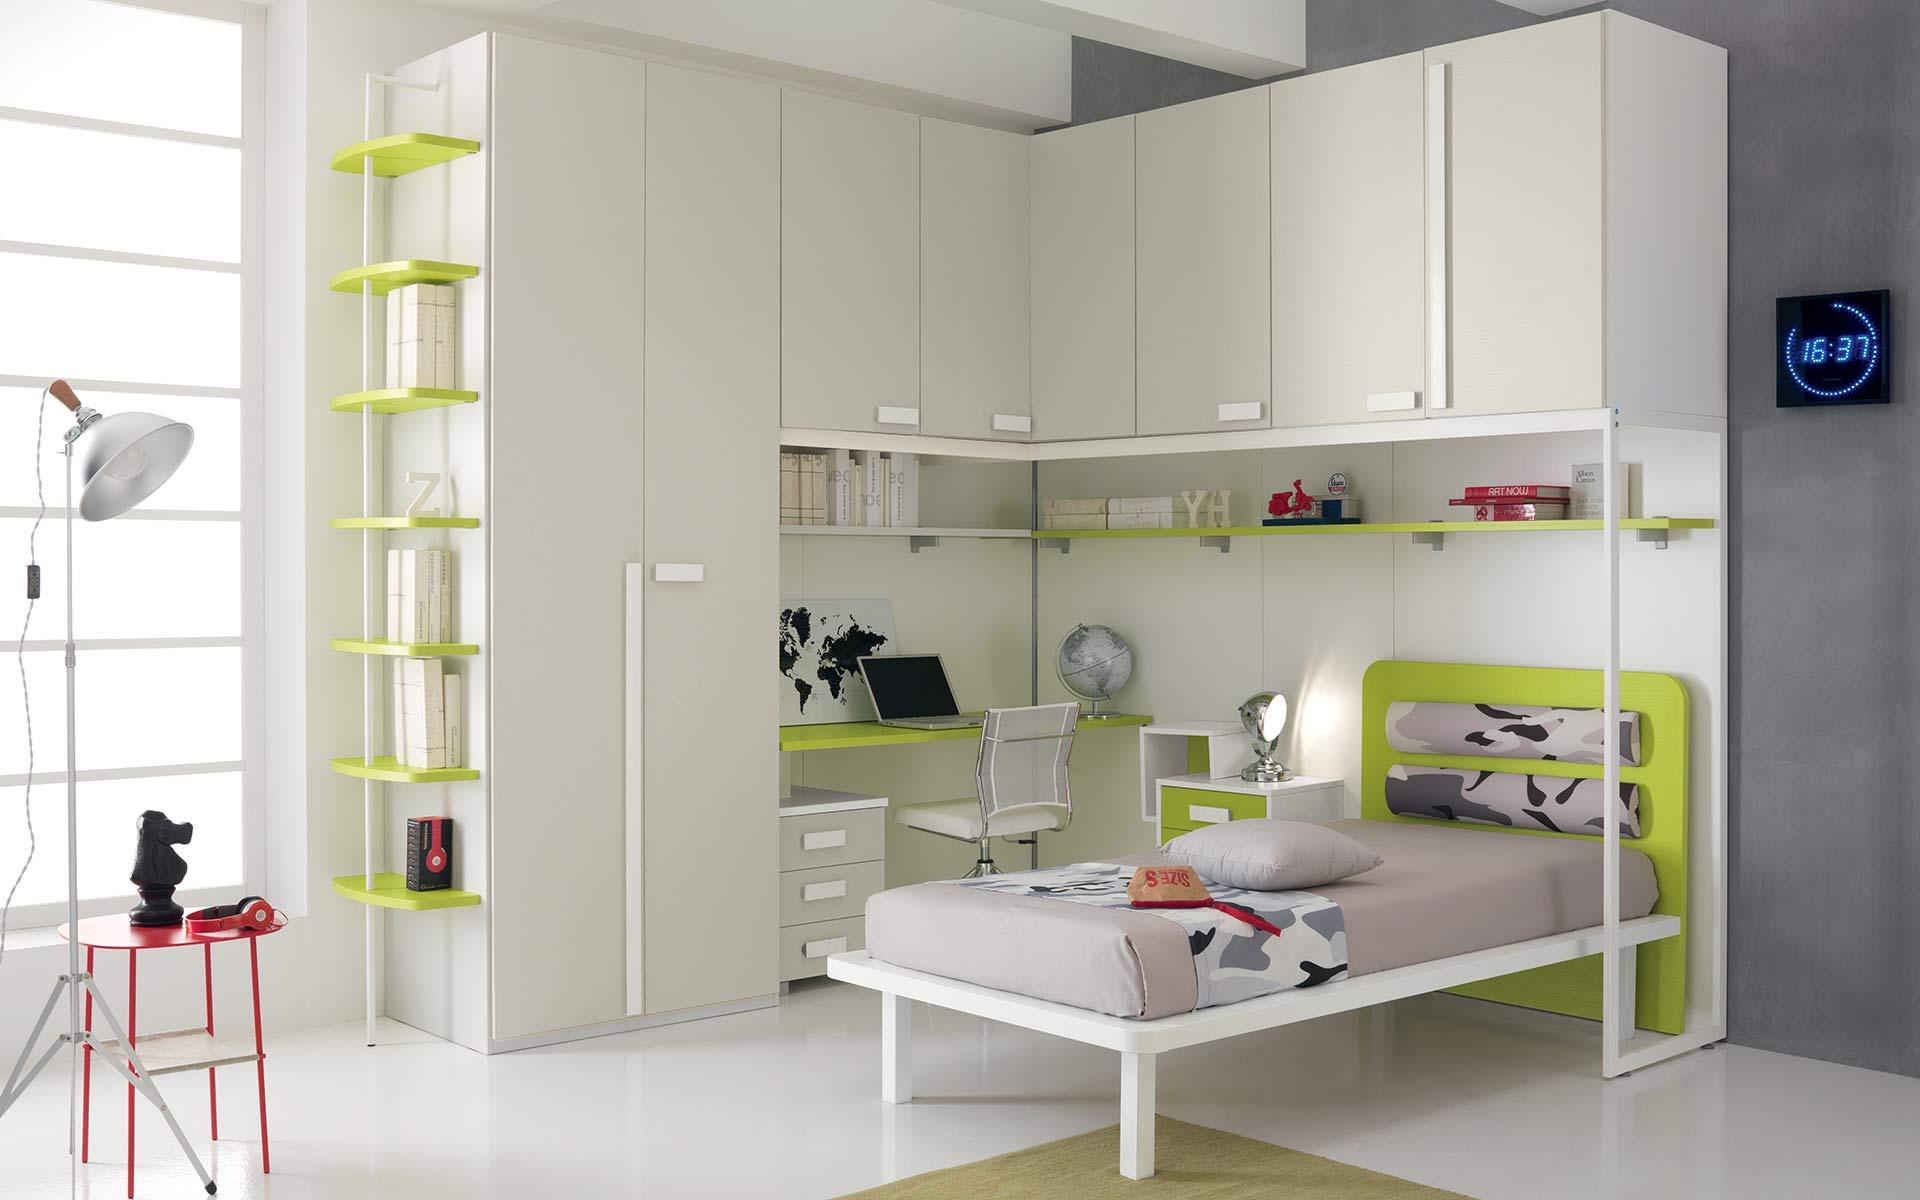 Cucine componibili e arredamento per la casa spar - Stanza da letto spar ...